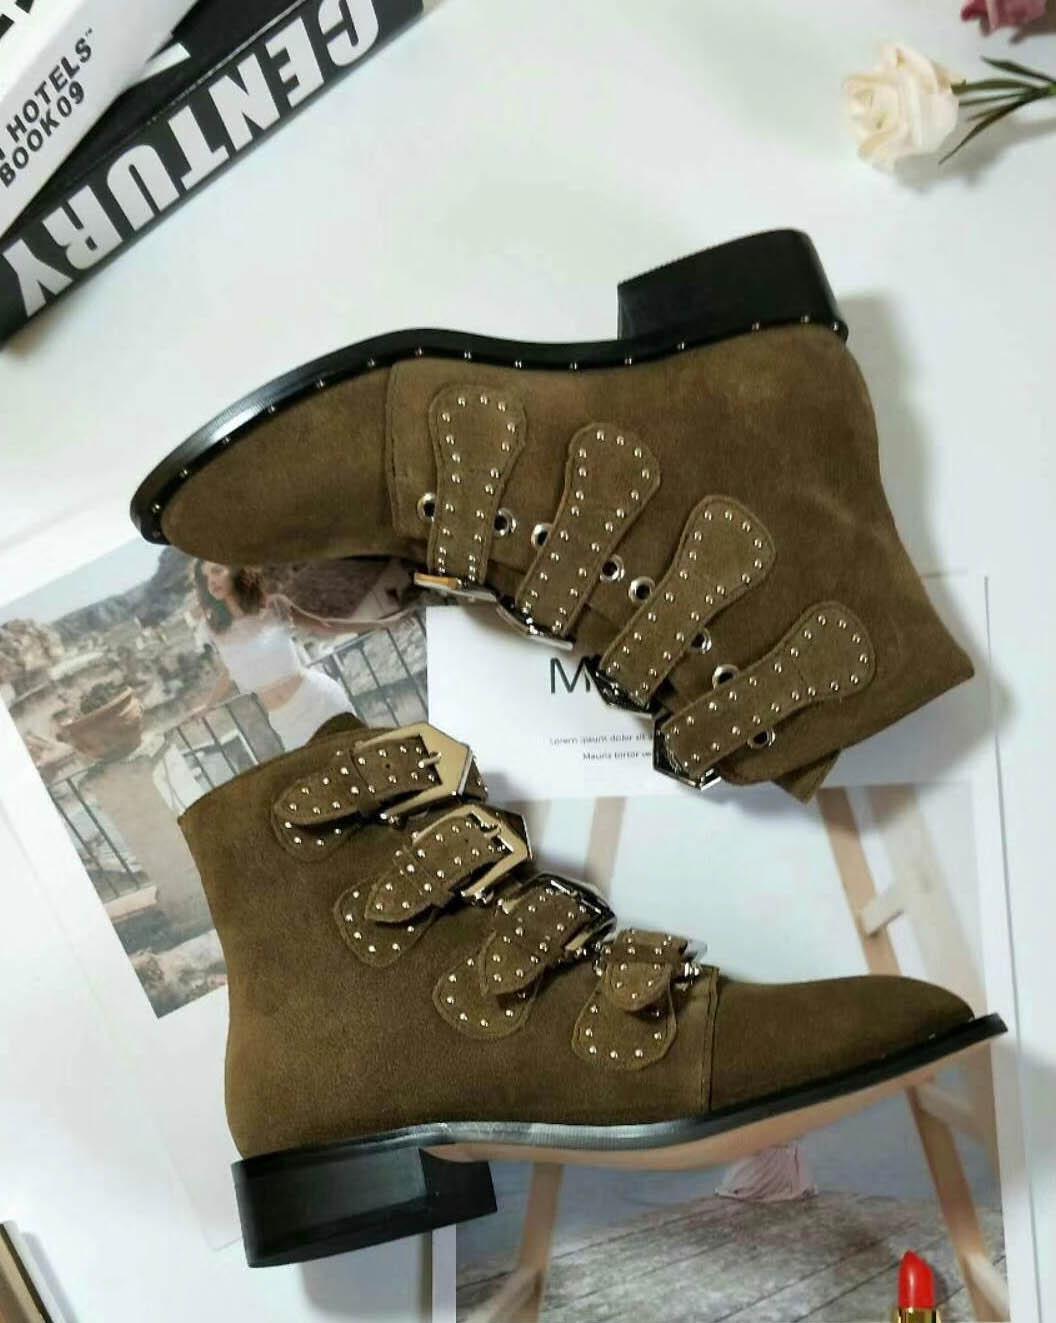 Hebilla caliente forrado-Sale-tachonado de cuero superior de Susanna cargadores del tobillo para las mujeres redondas del dedo del pie Tacones gatito mujeres de los zapatos zapatos de mujer